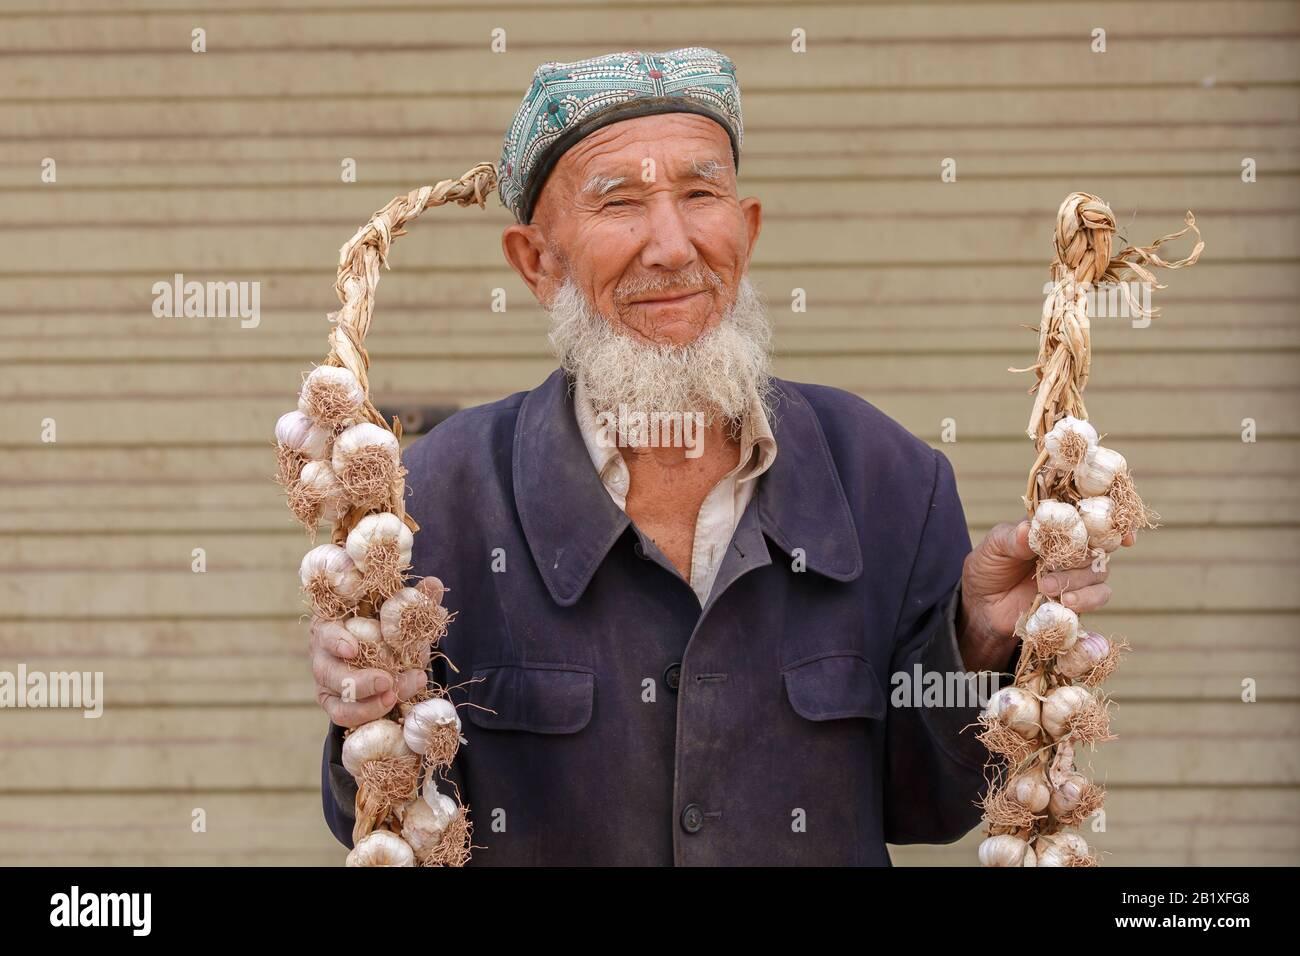 Bart knoblauch für Knoblauch pflanzen: